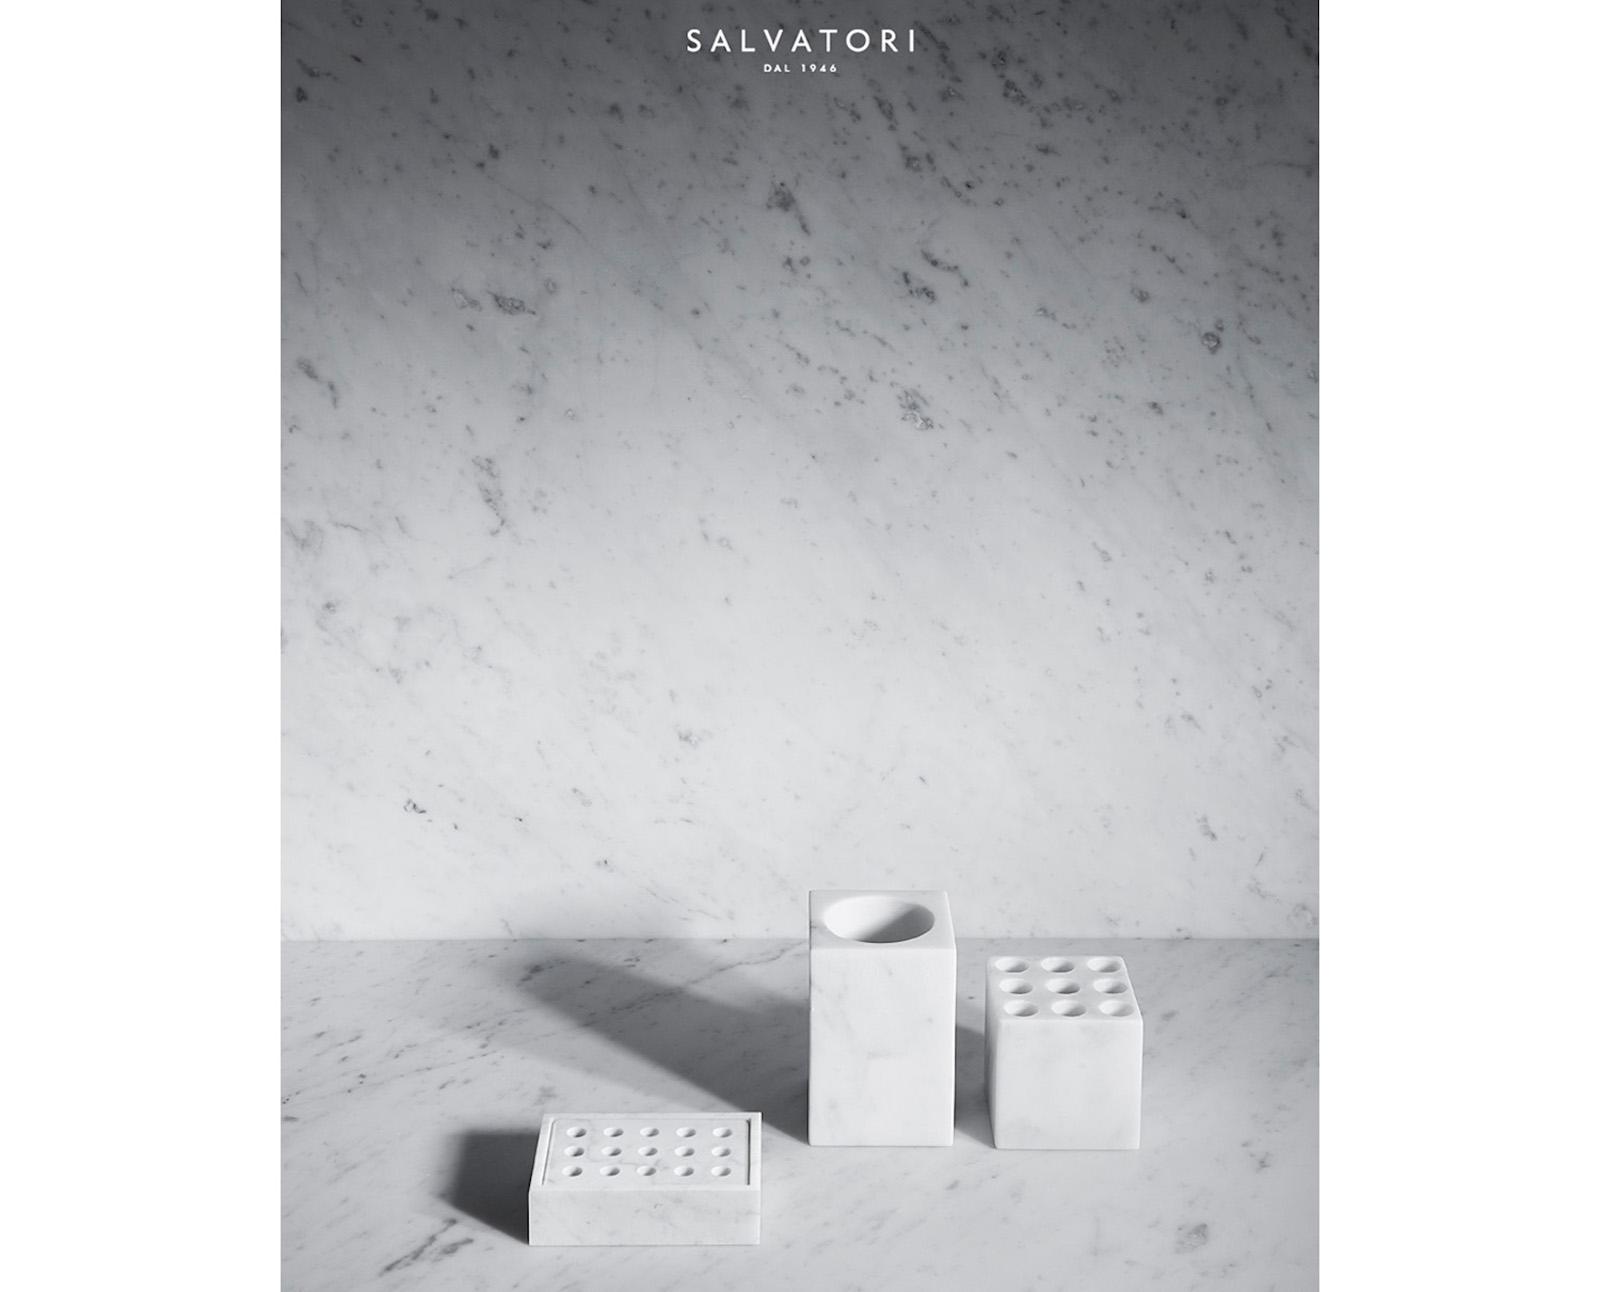 IGNANT-Design-Gabriele-Salvatori-Collaborations-05